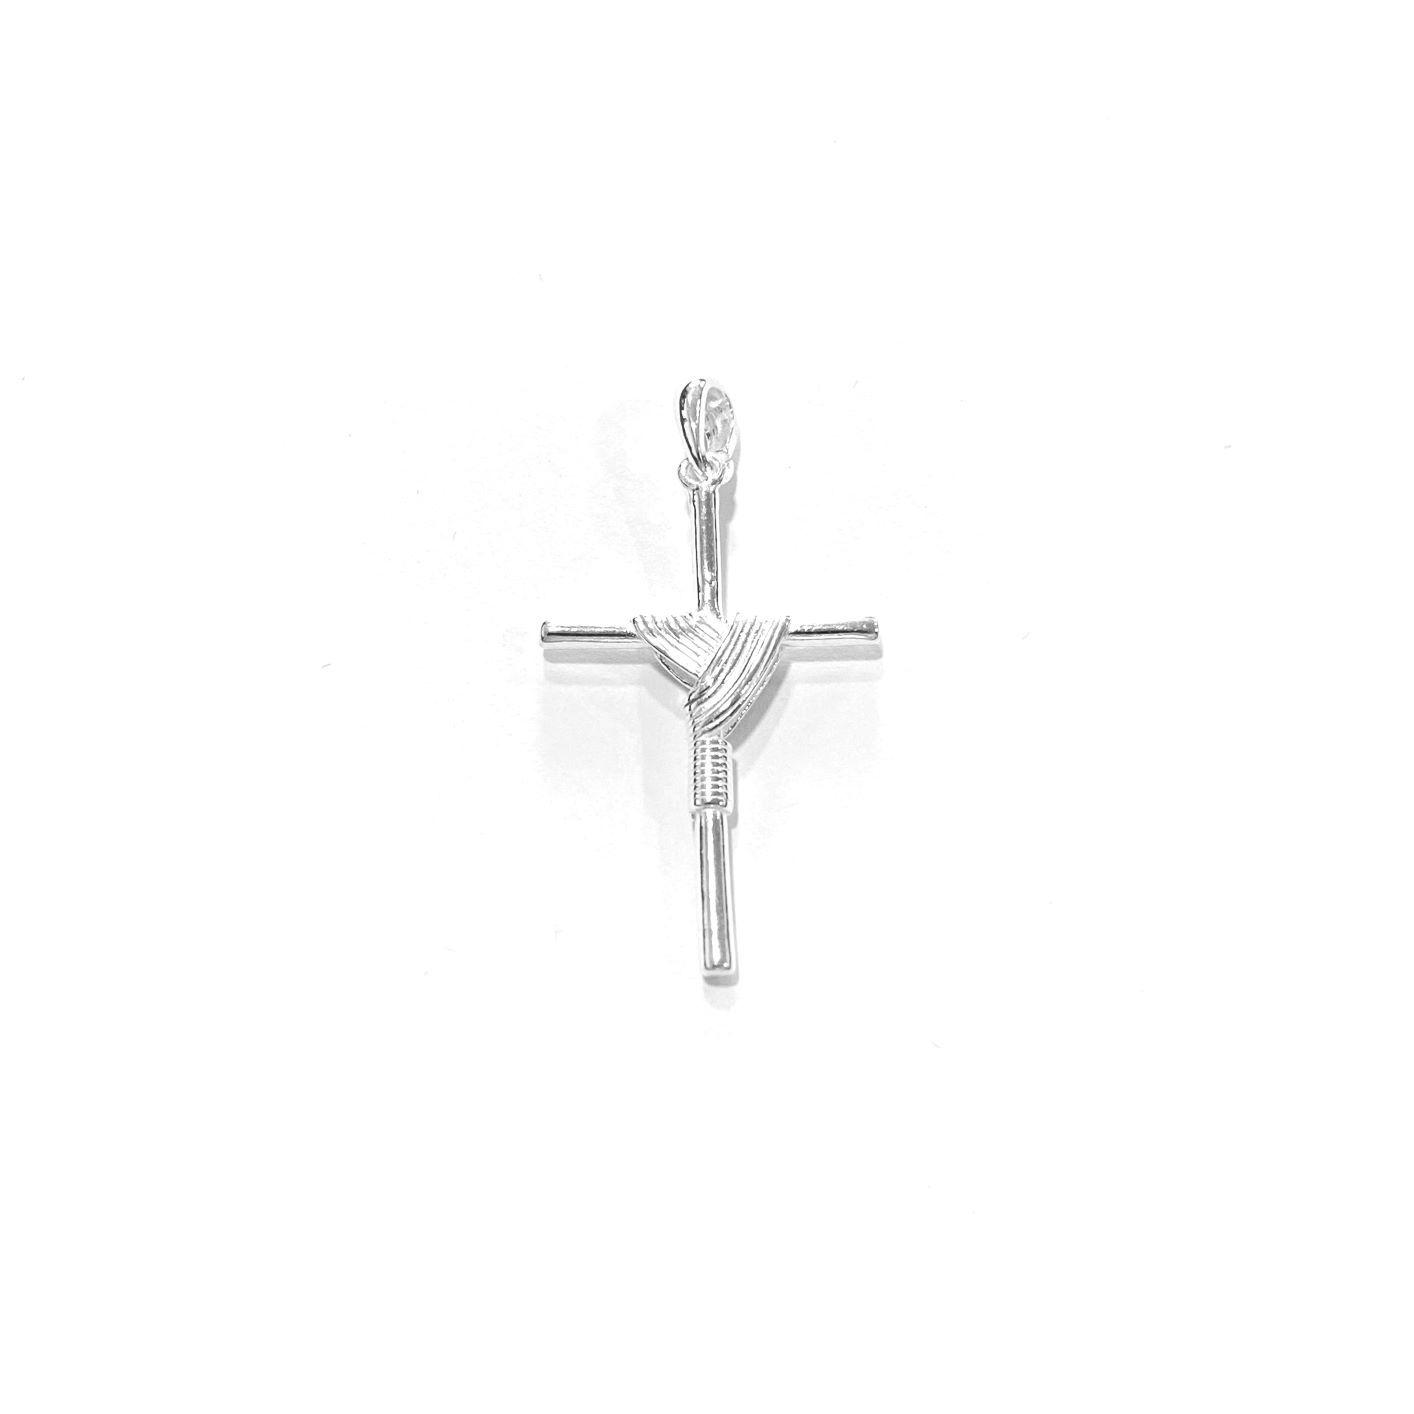 Pingente Crucifixo Trançado 3,2cm x 2,0cm (Prata 925 Italiana)